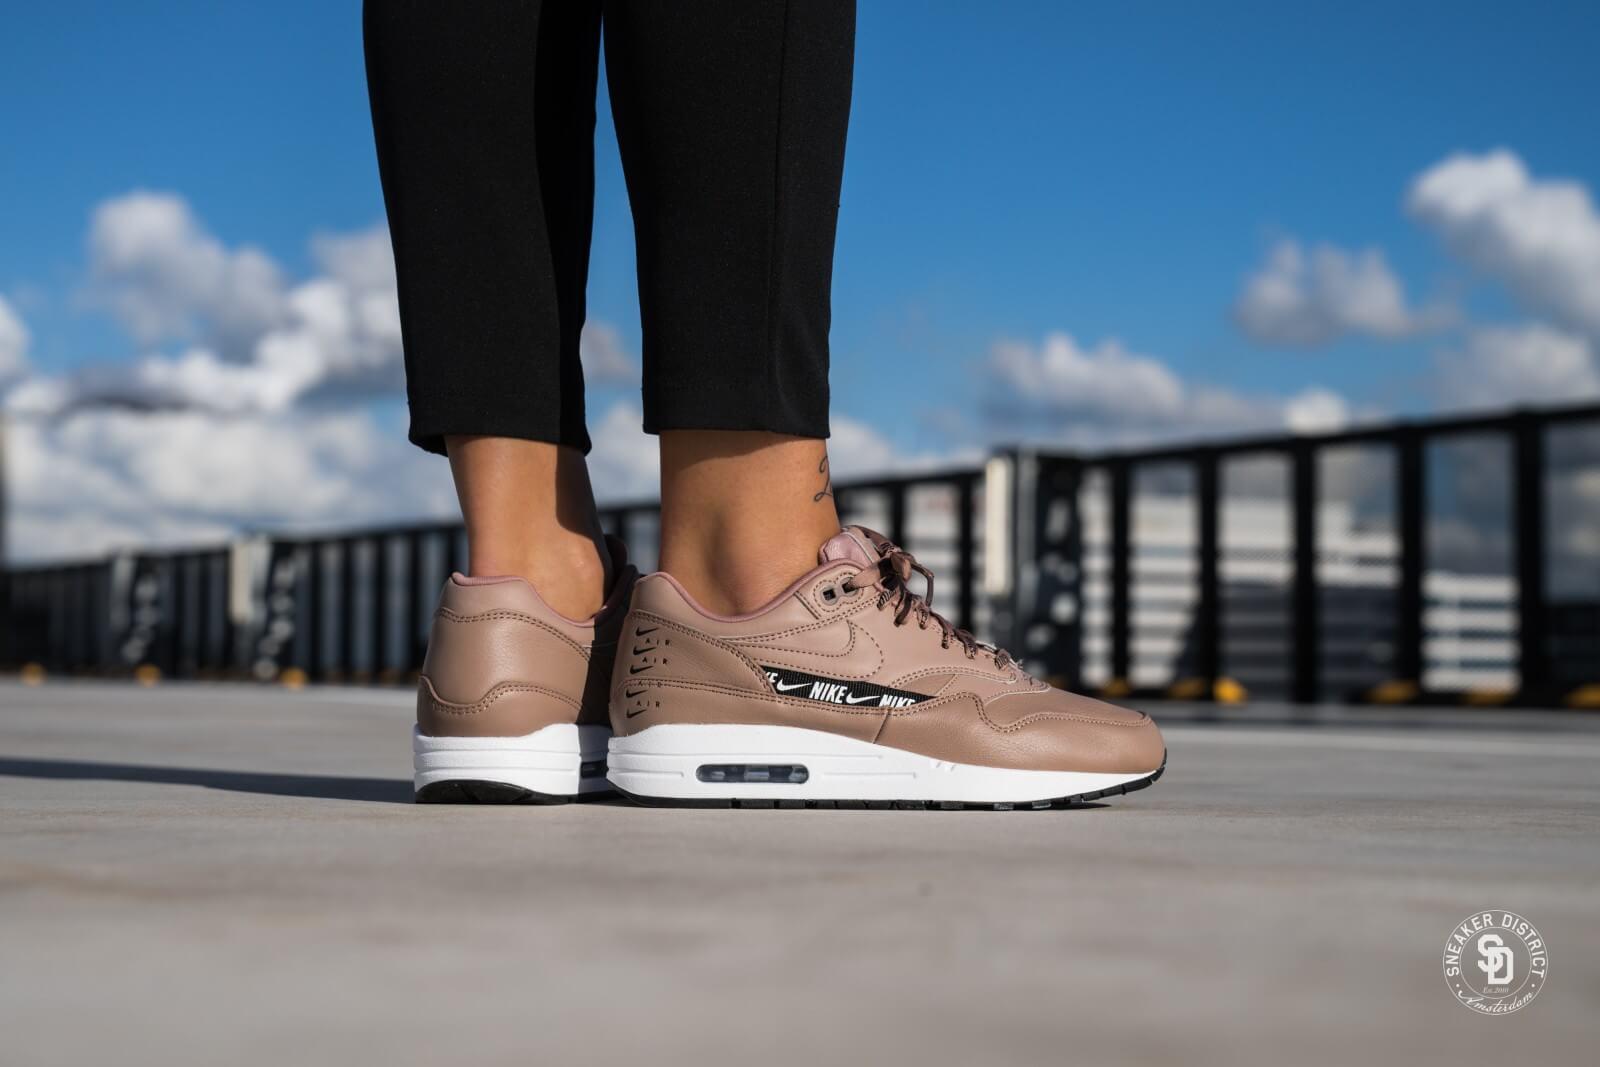 Nike Women's Air Max 1 SE Desert DustBlack White 881101 201